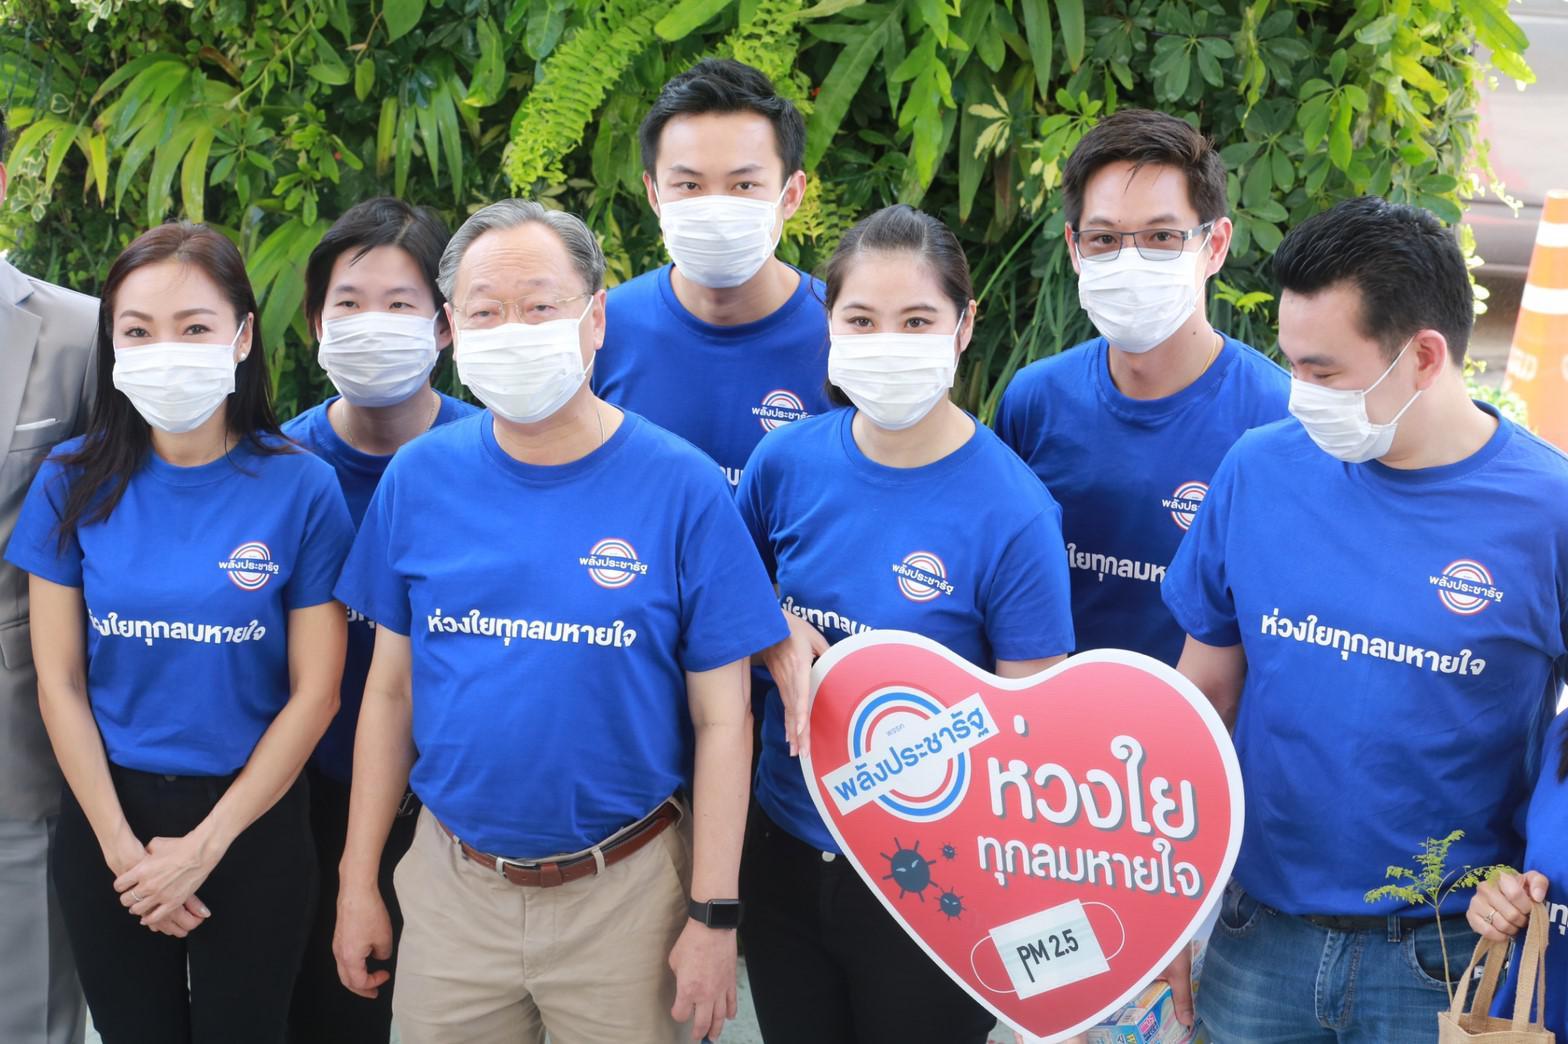 พปชร.ตั้งศูนย์แก้ PM 2.5 ผุดไอเดียติดหัวฉีด PM Fight ตามบ้าน